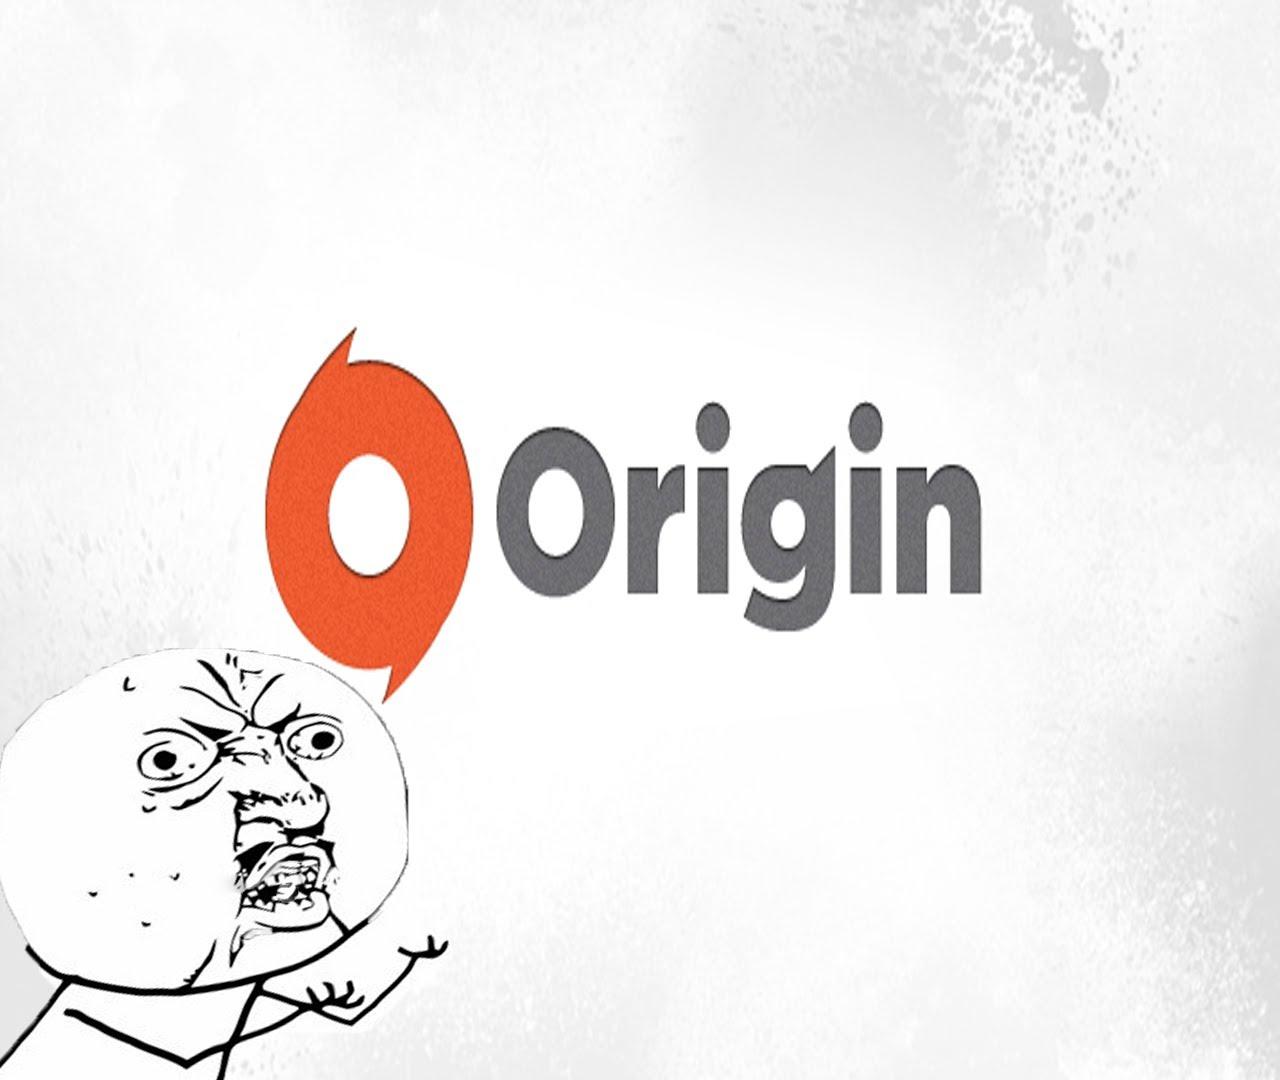 Сетевая авторизация временно недоступна (Origin)